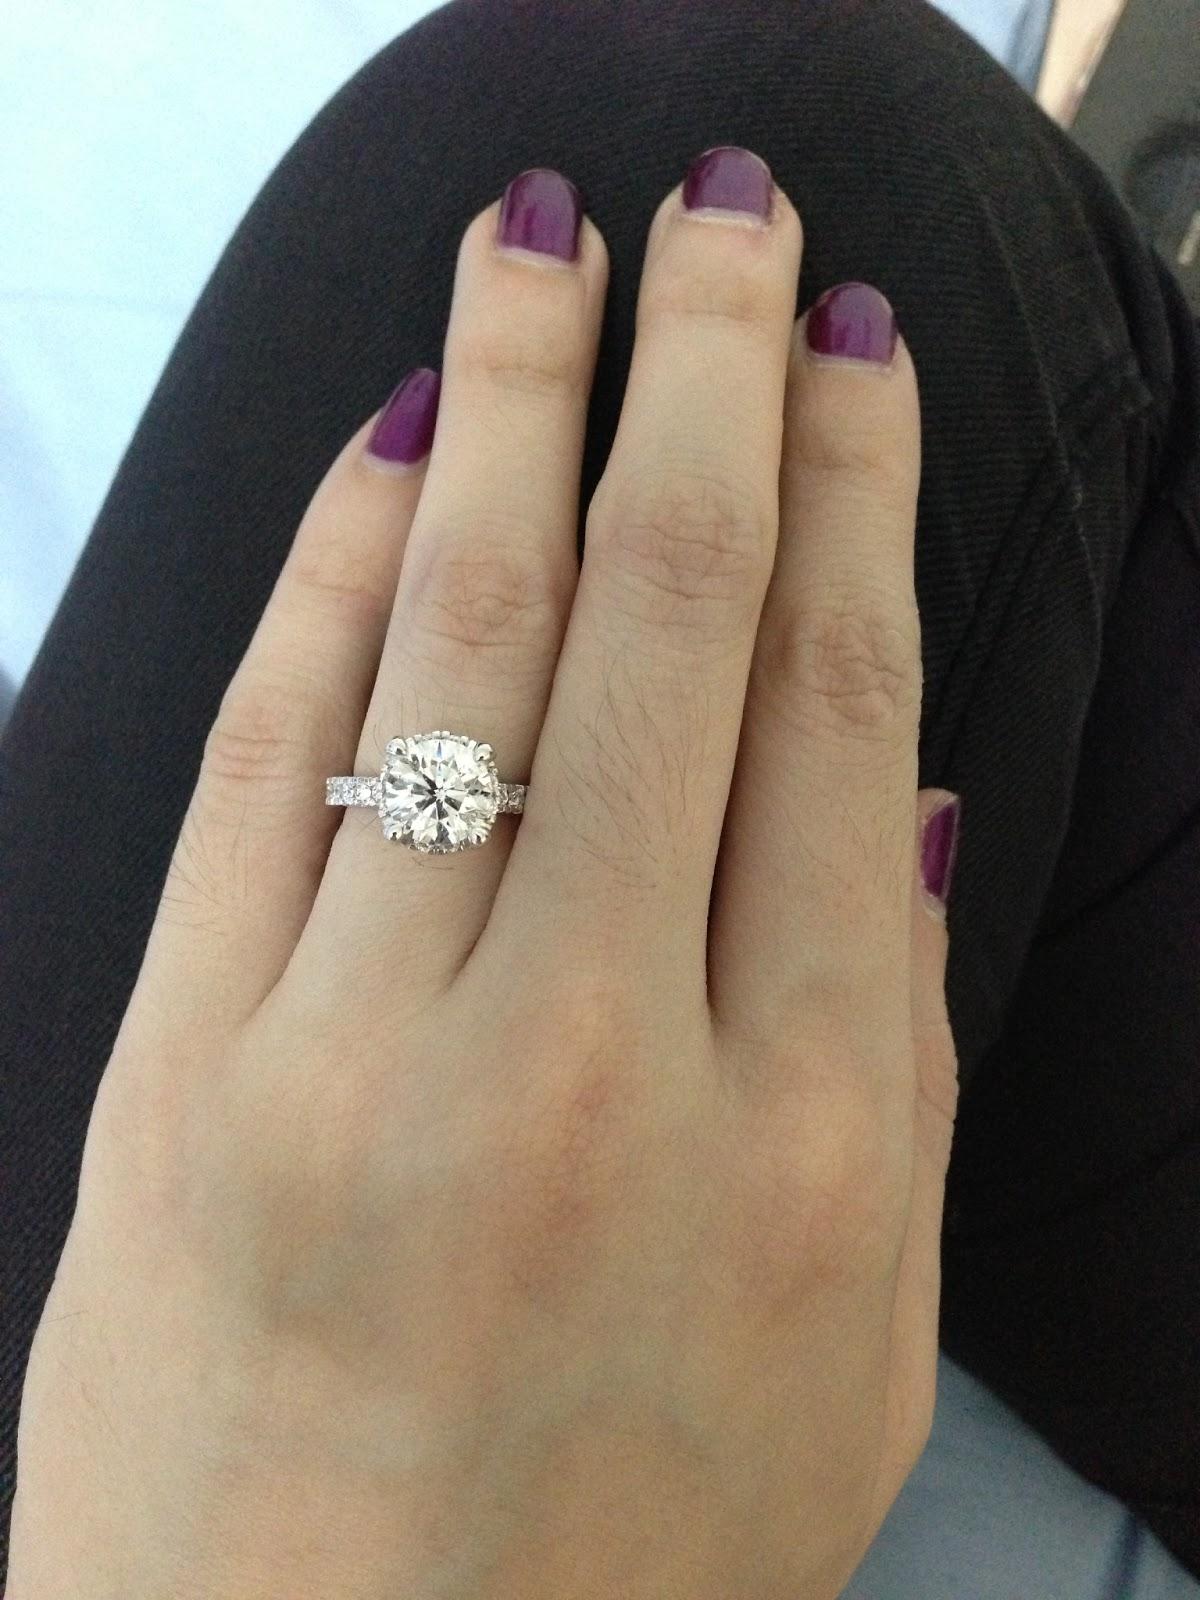 Average Price Of Wedding Ring 2013